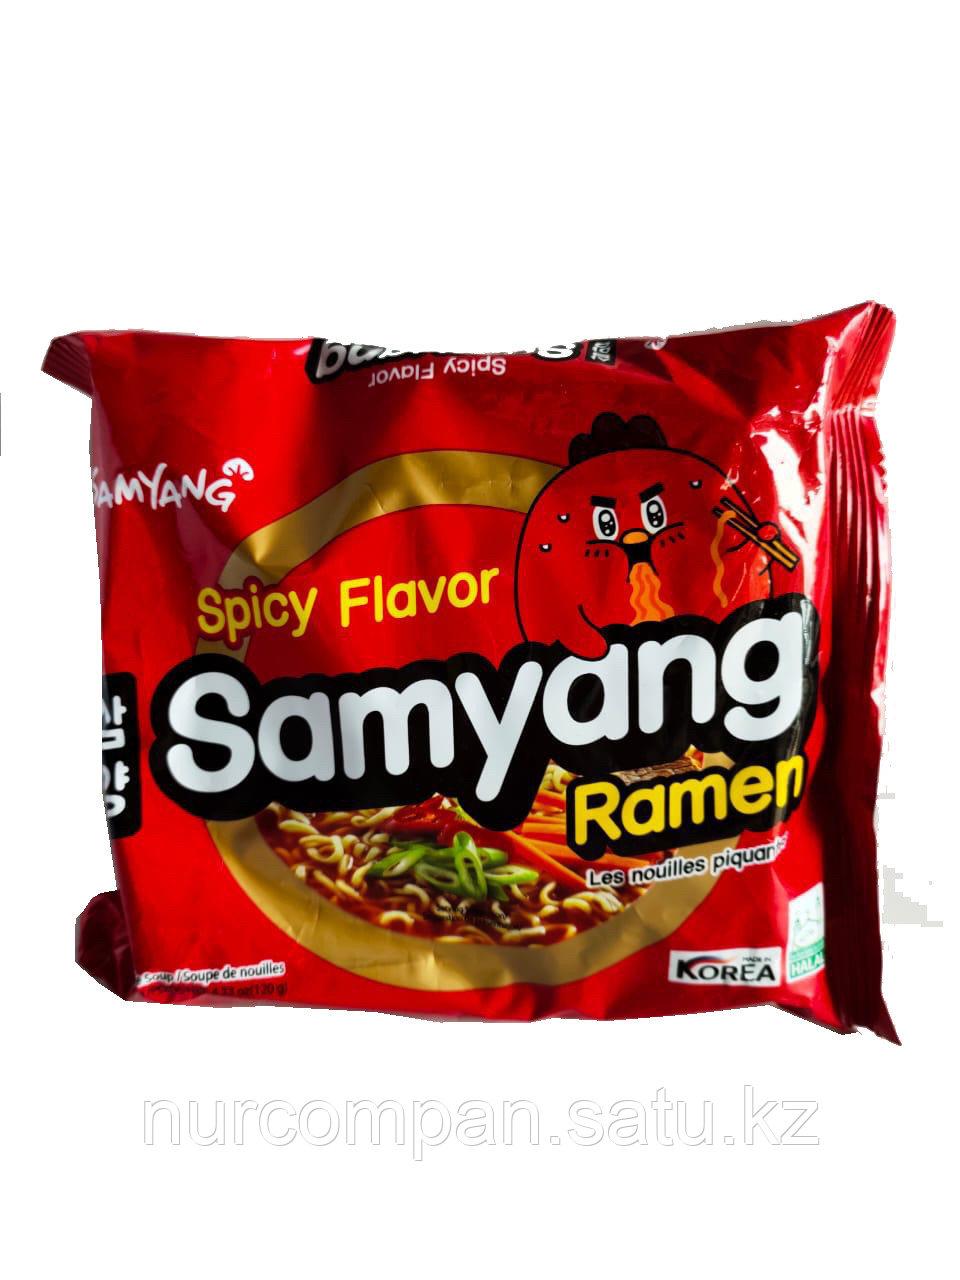 Рамен  острый от Samyang